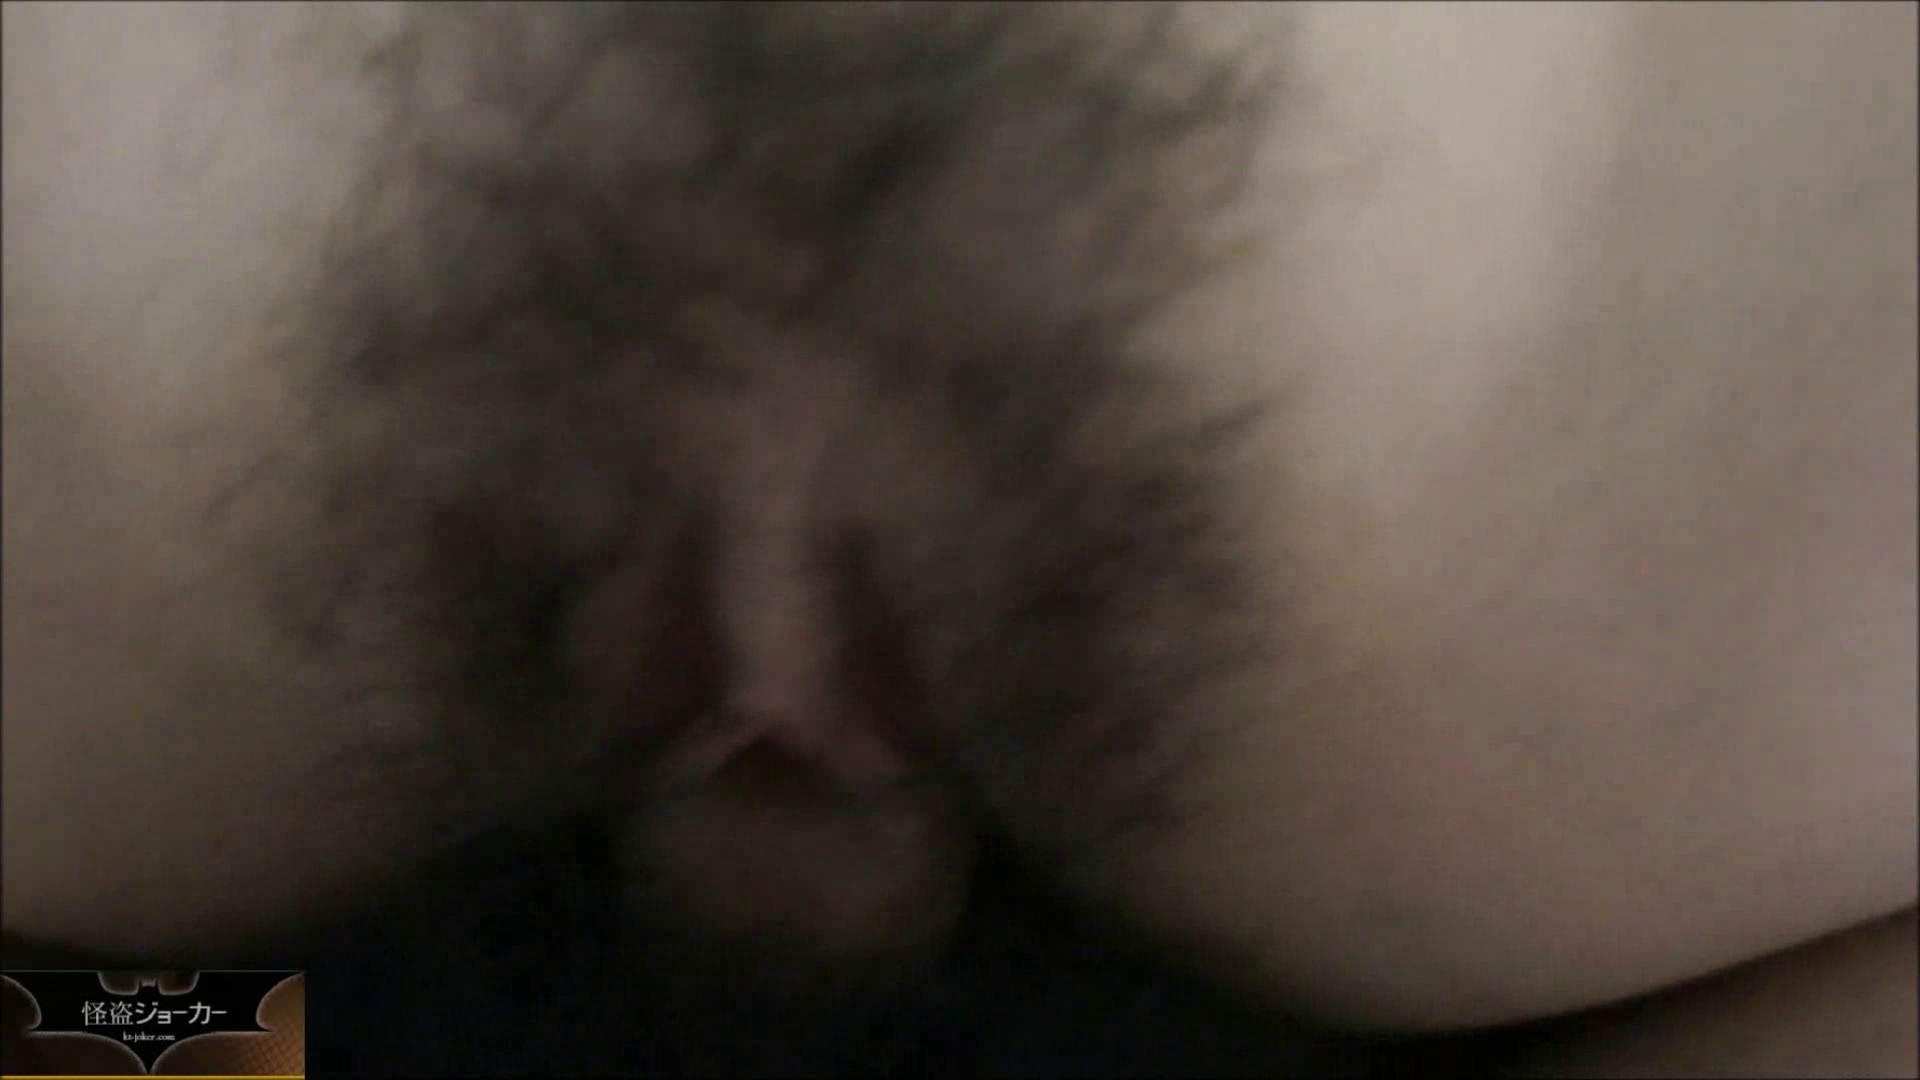 【未公開】vol.23 ユリナ、寝取られのアト。 いじくり 性交動画流出 54画像 9